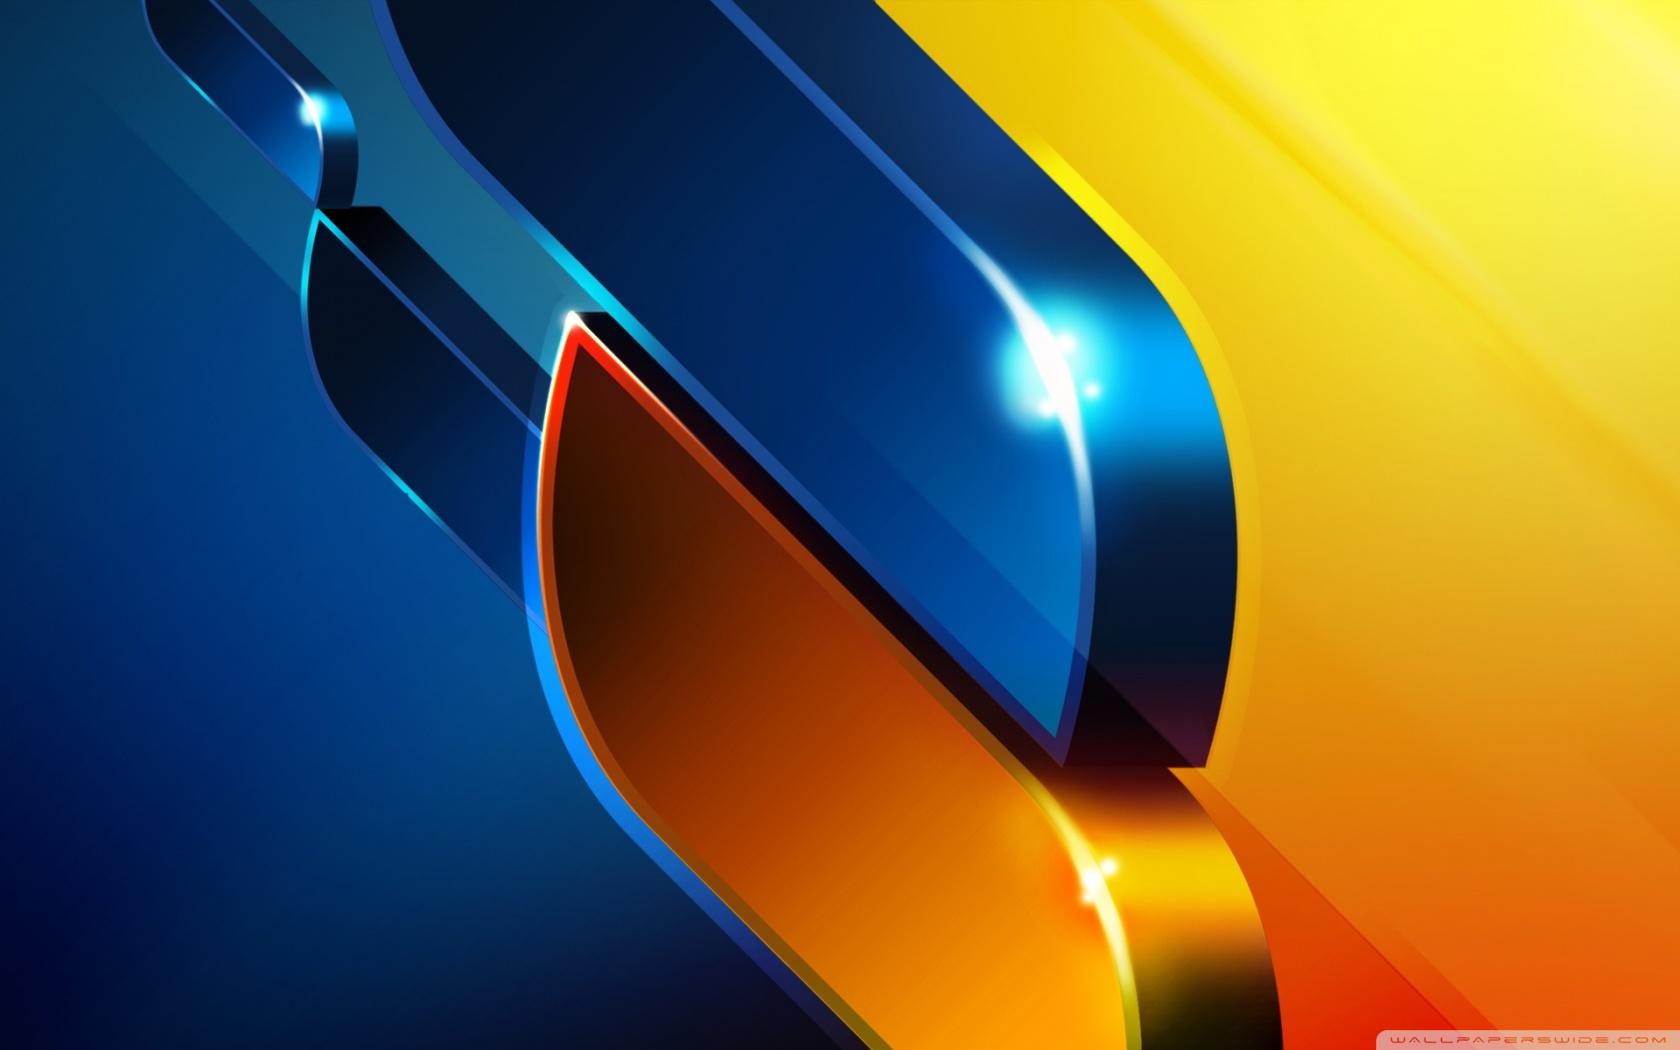 Firefox Dual Monitor 4K HD Desktop Wallpaper for 4K Ultra HD TV 1680x1050